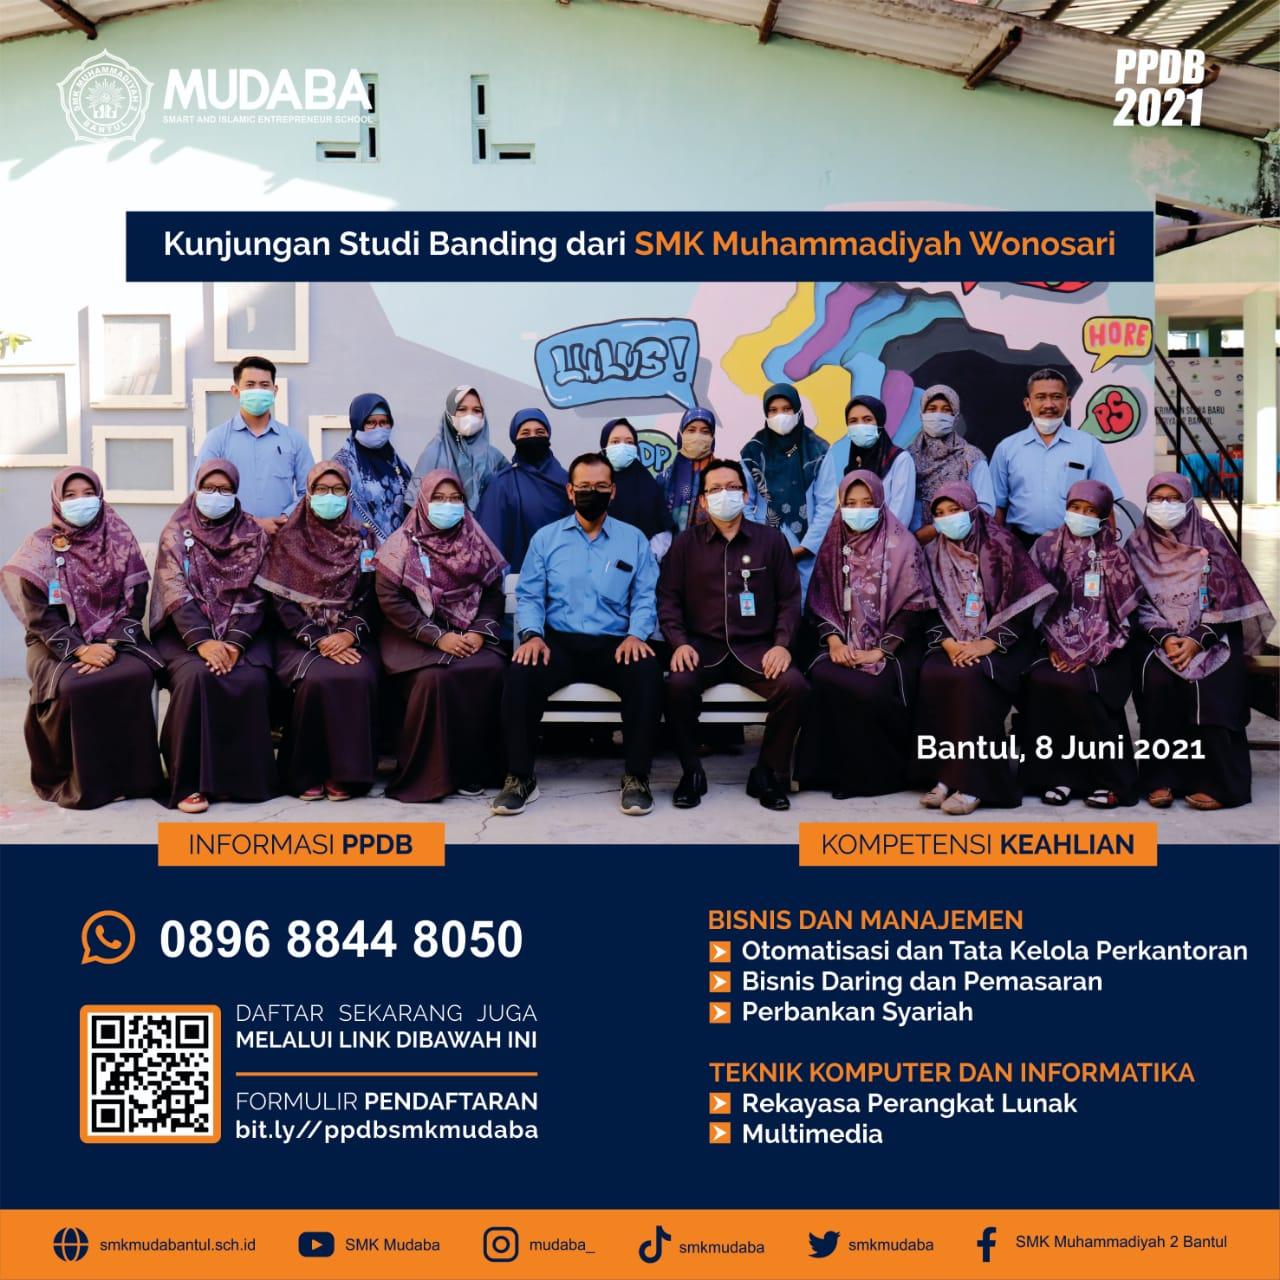 Kunjungan Studi Banding dari SMK Muhammadiyah Wonosari